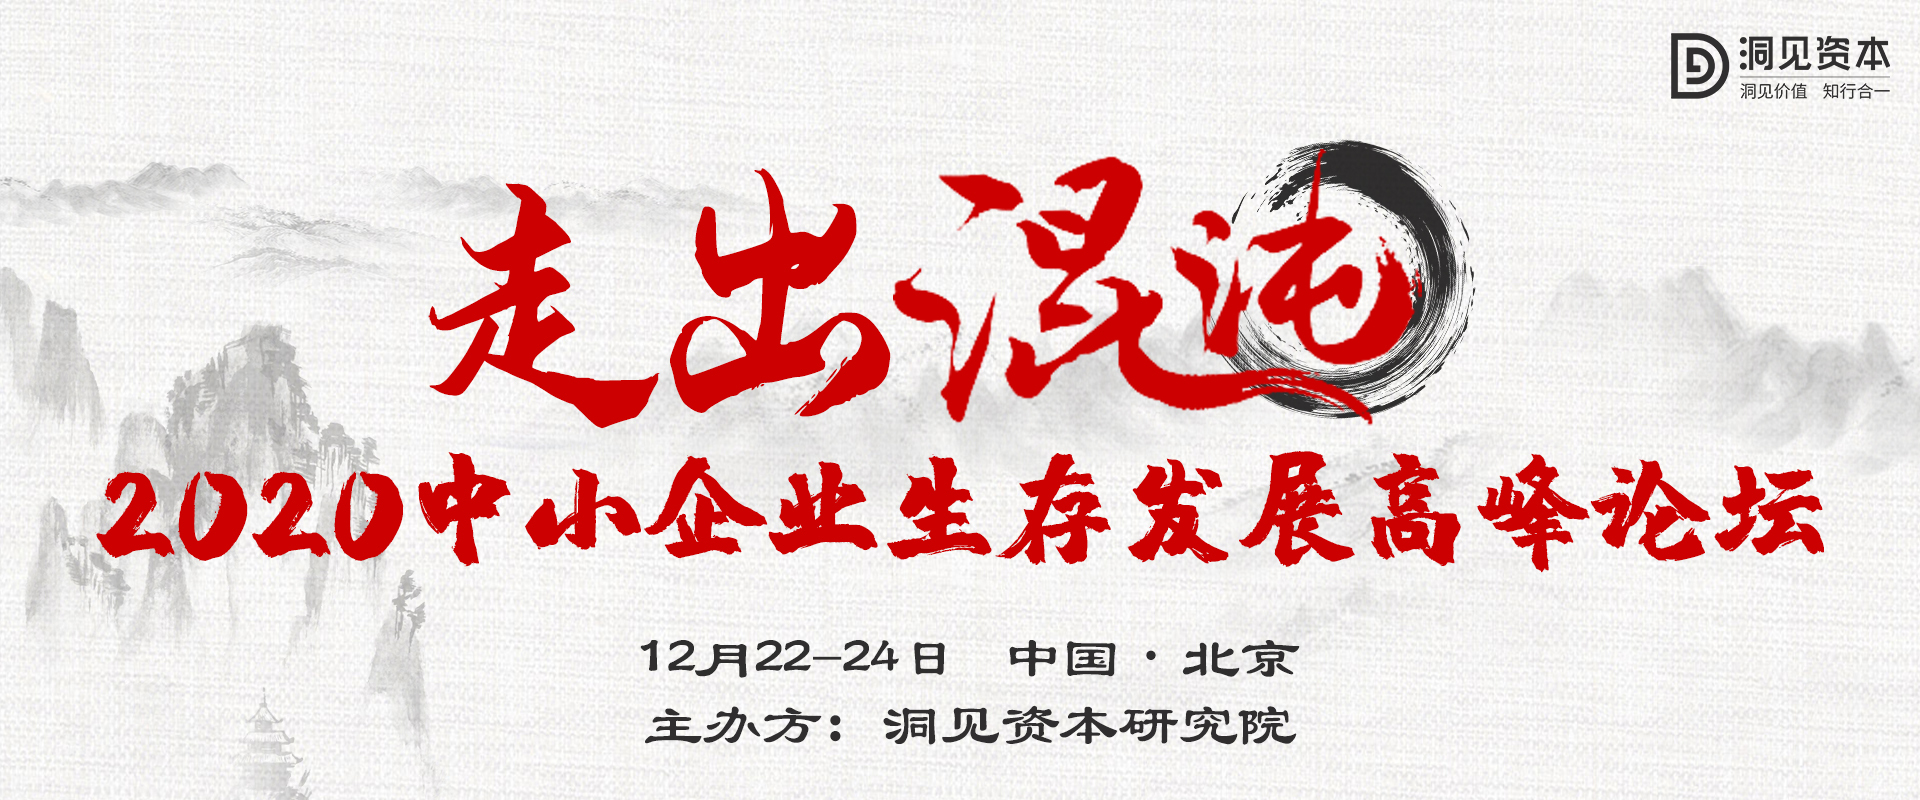 2020中小企業生存發展高峰論壇(北京)